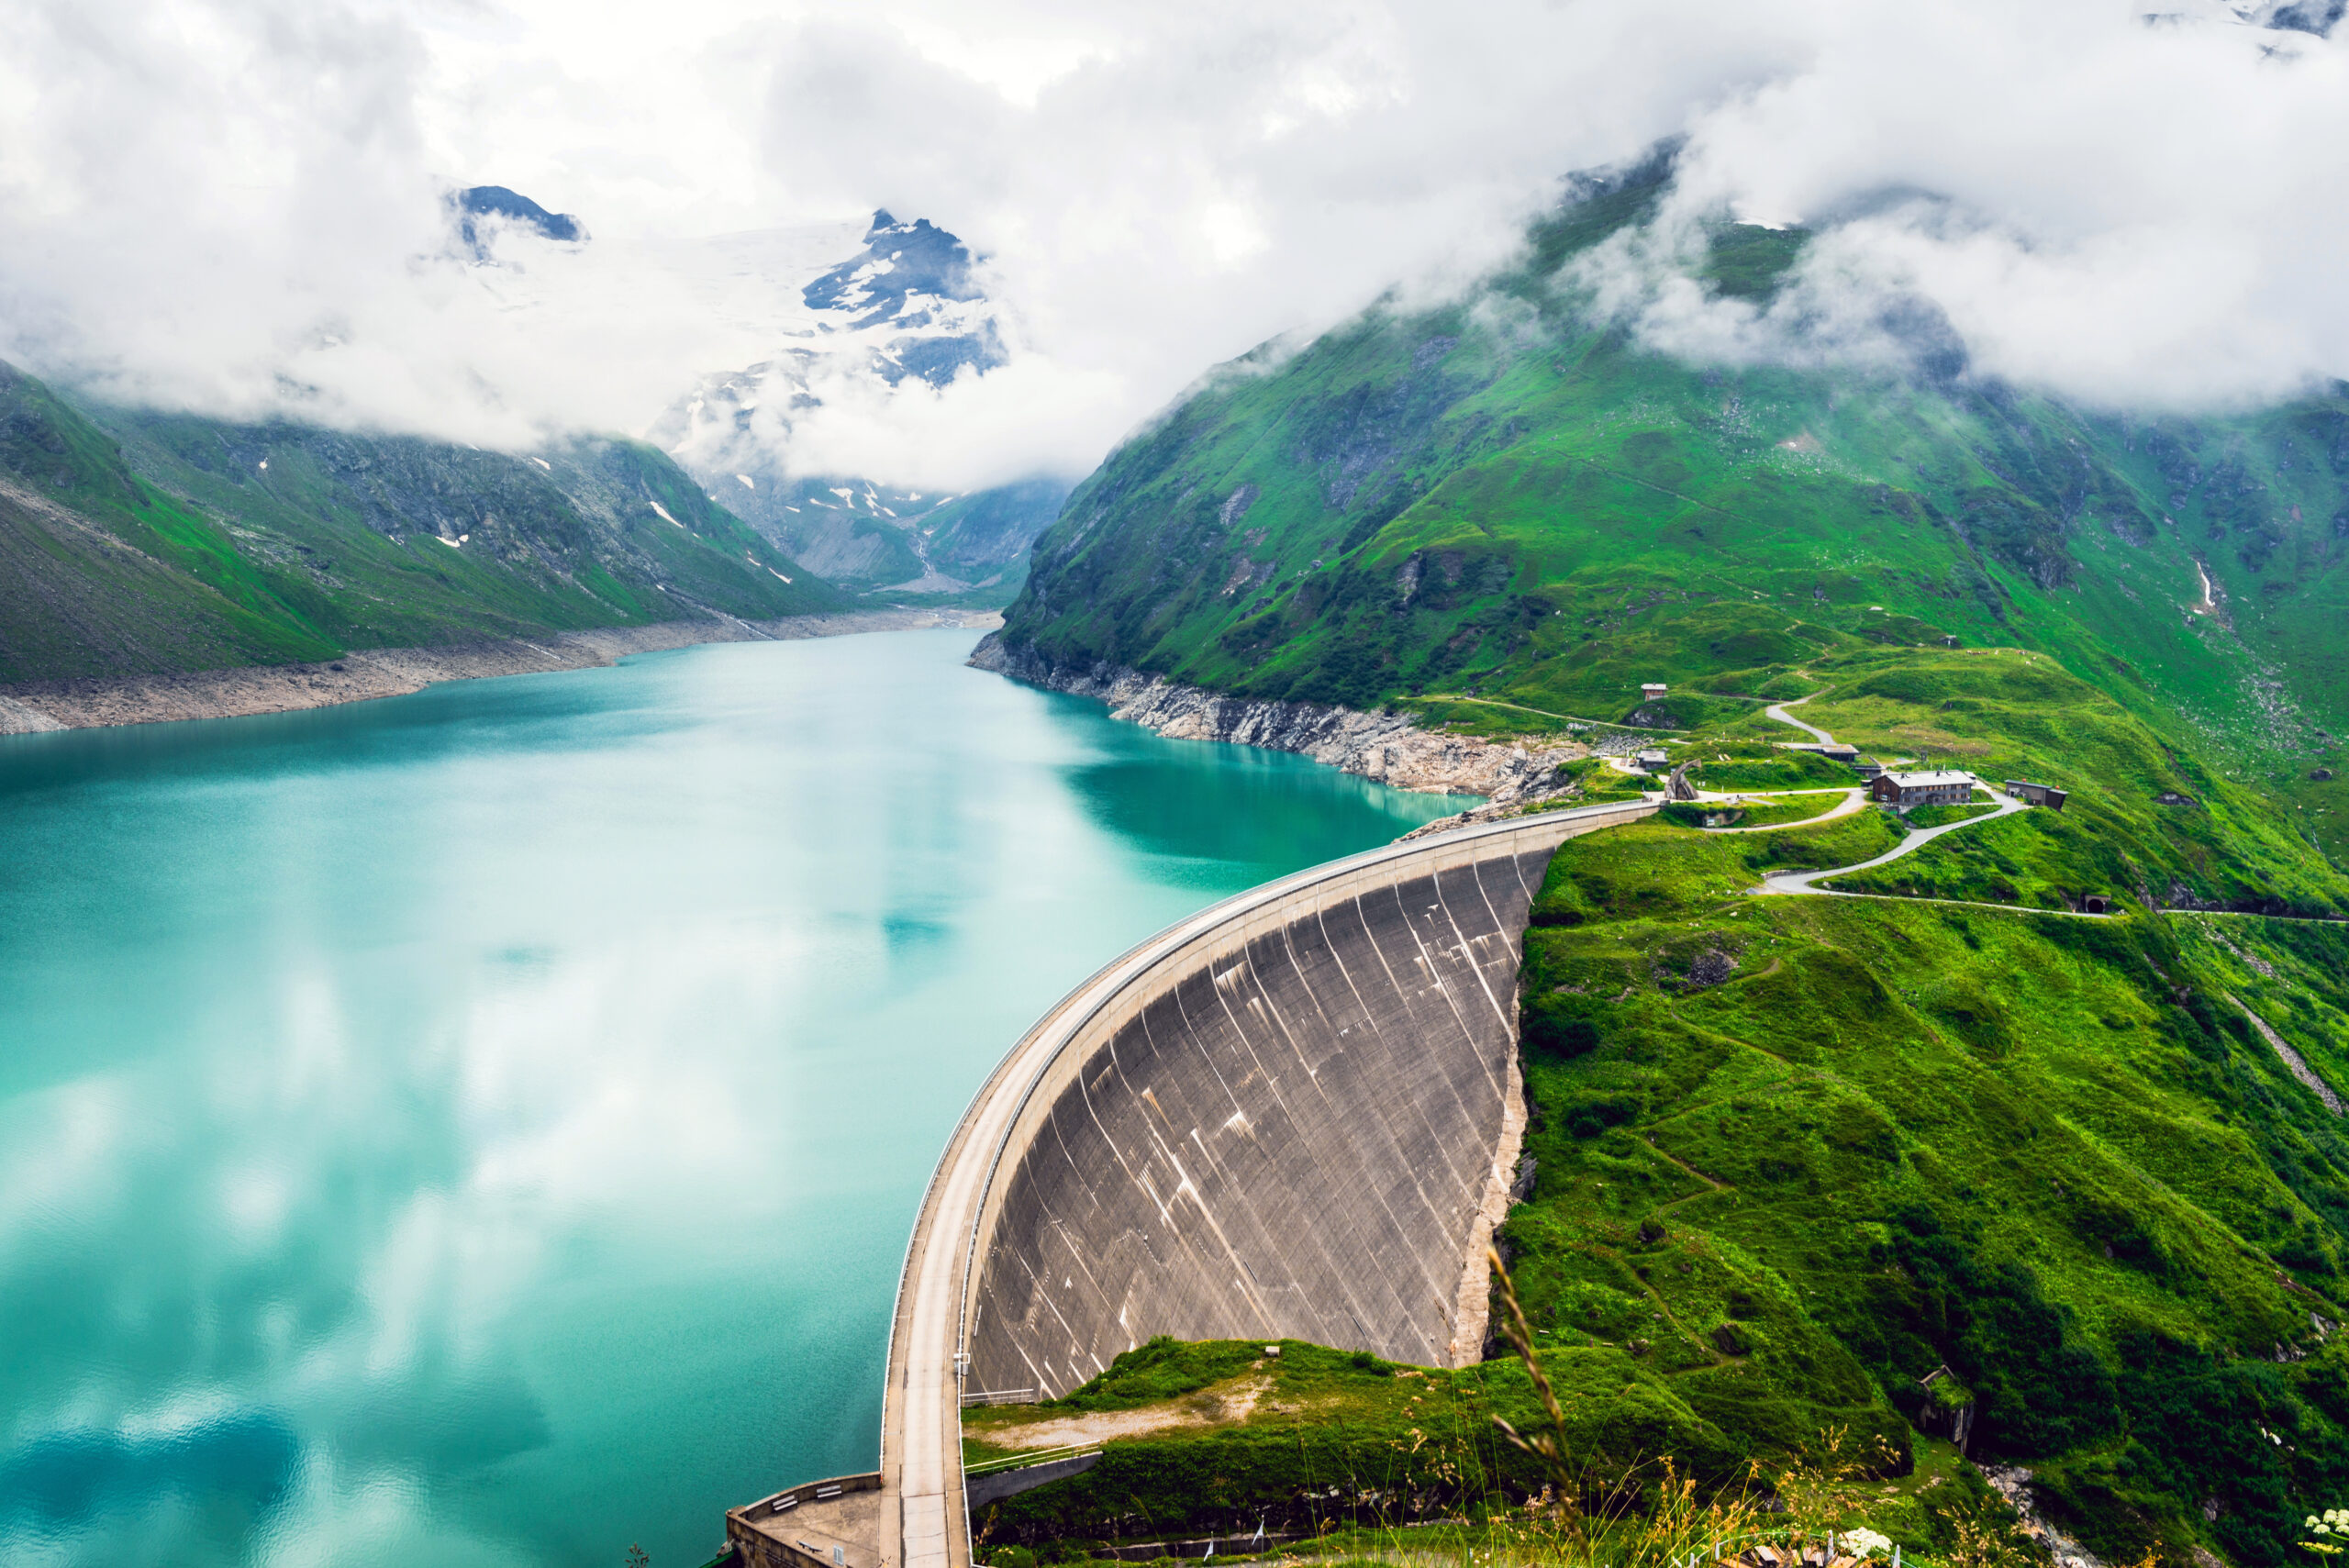 Kaprun dam in Austria